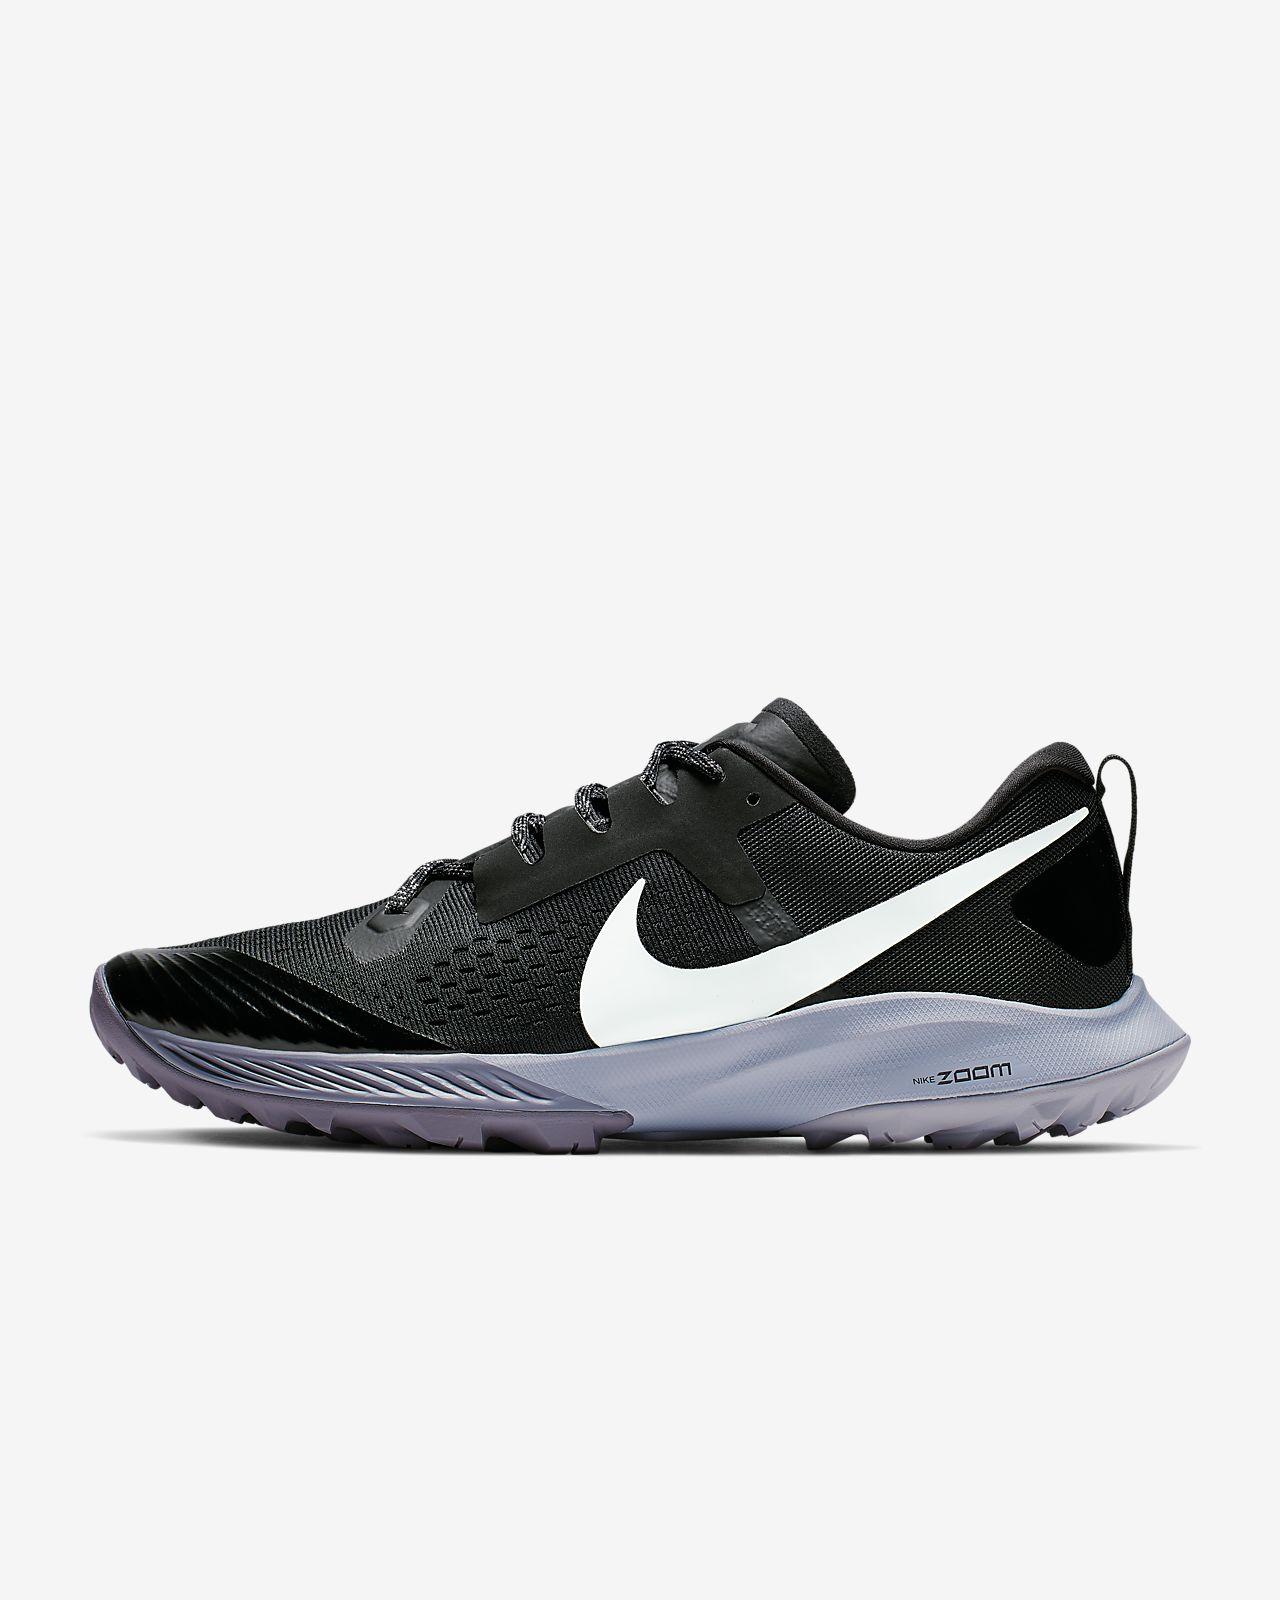 różnie sprzedawca hurtowy nowe przyloty Męskie buty do biegania w terenie Nike Air Zoom Terra Kiger 5